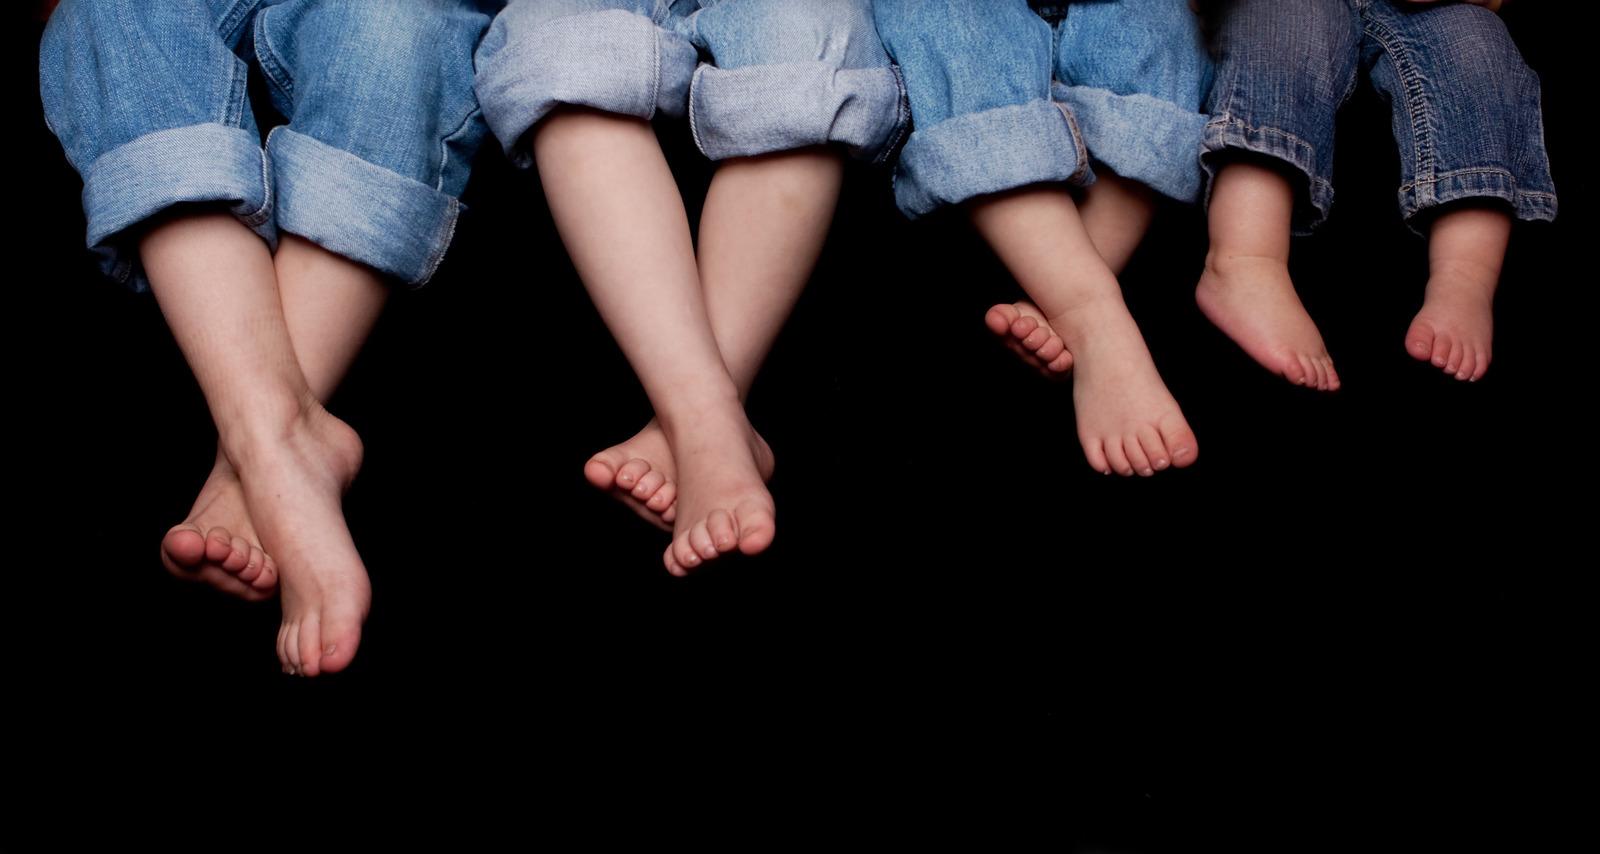 Одна из причина плоскостопия - редкая ходьба босиком